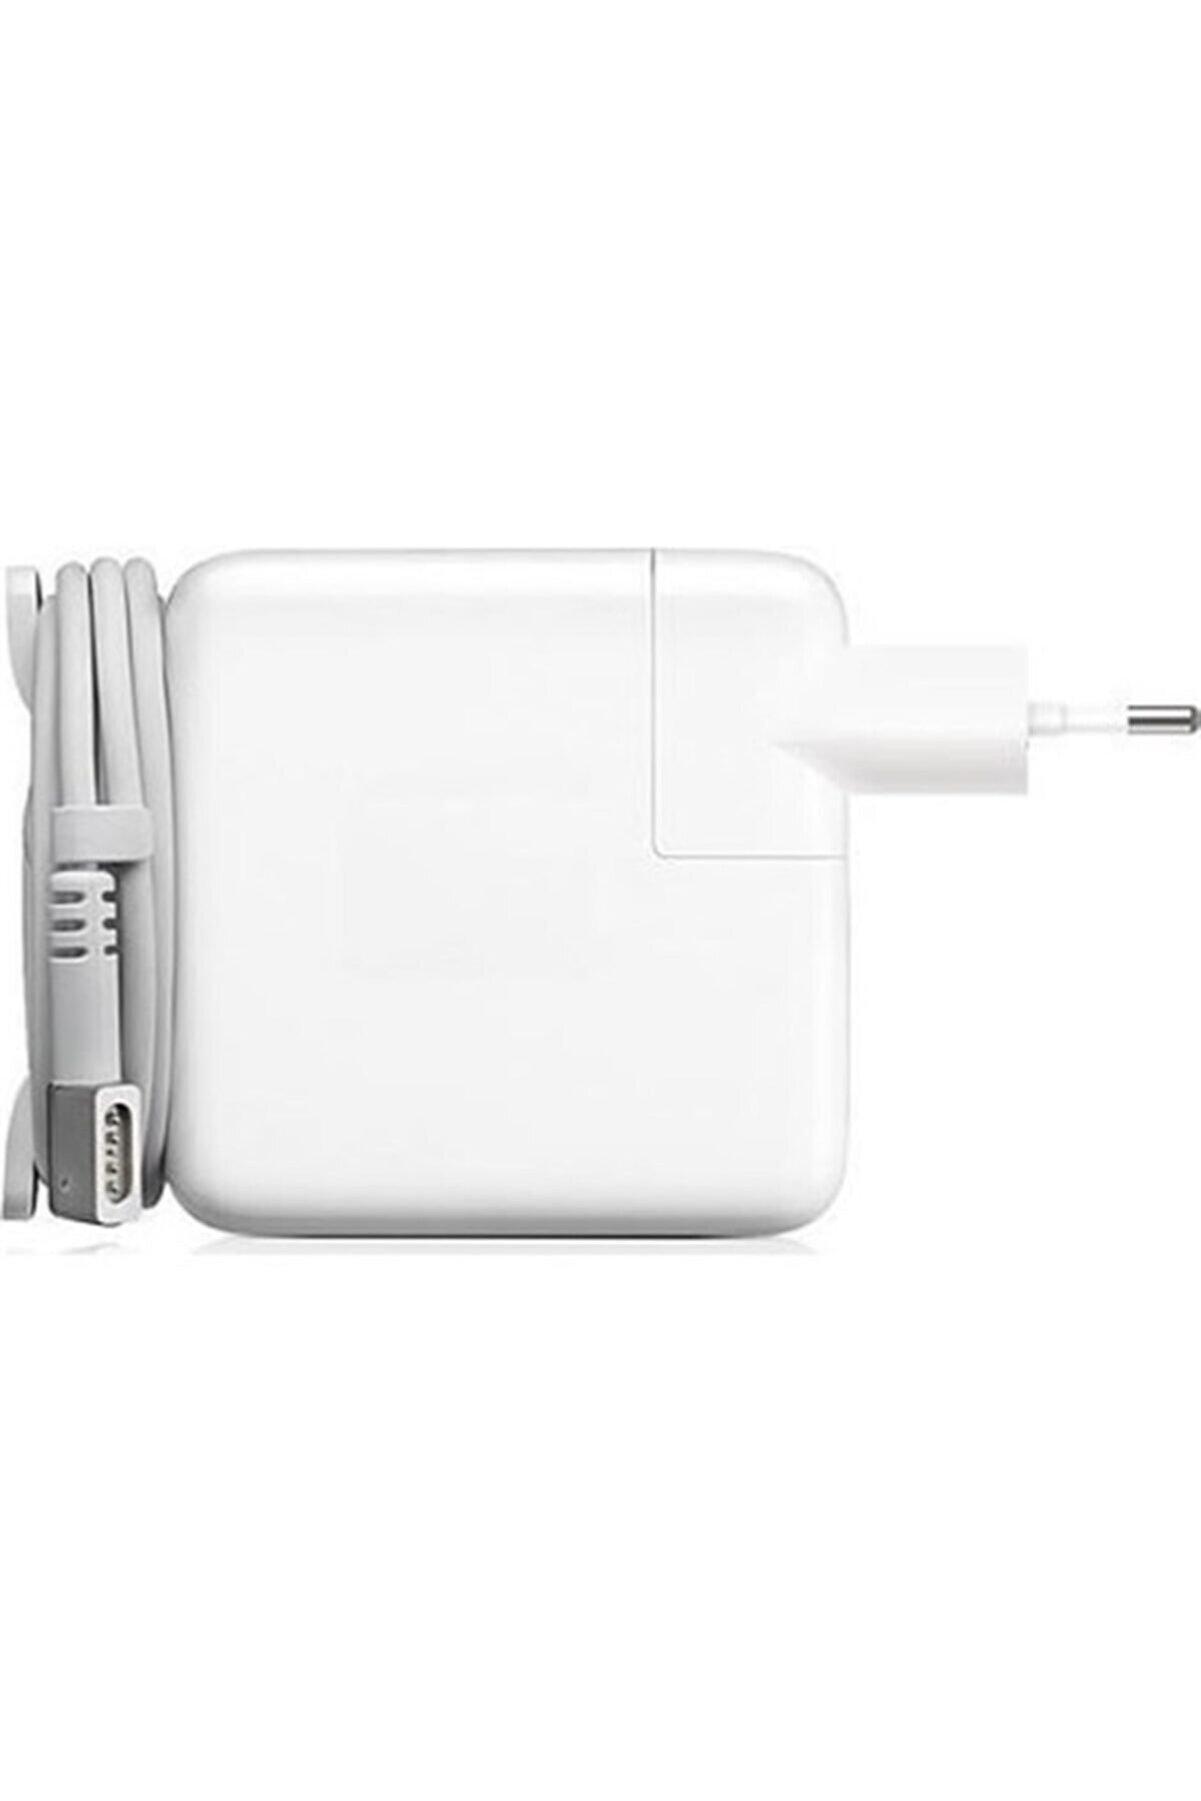 TNL Apple Macbook Uyumlu 14.5v 3.1a Magsafe 1 Adaptör Şarj Aleti